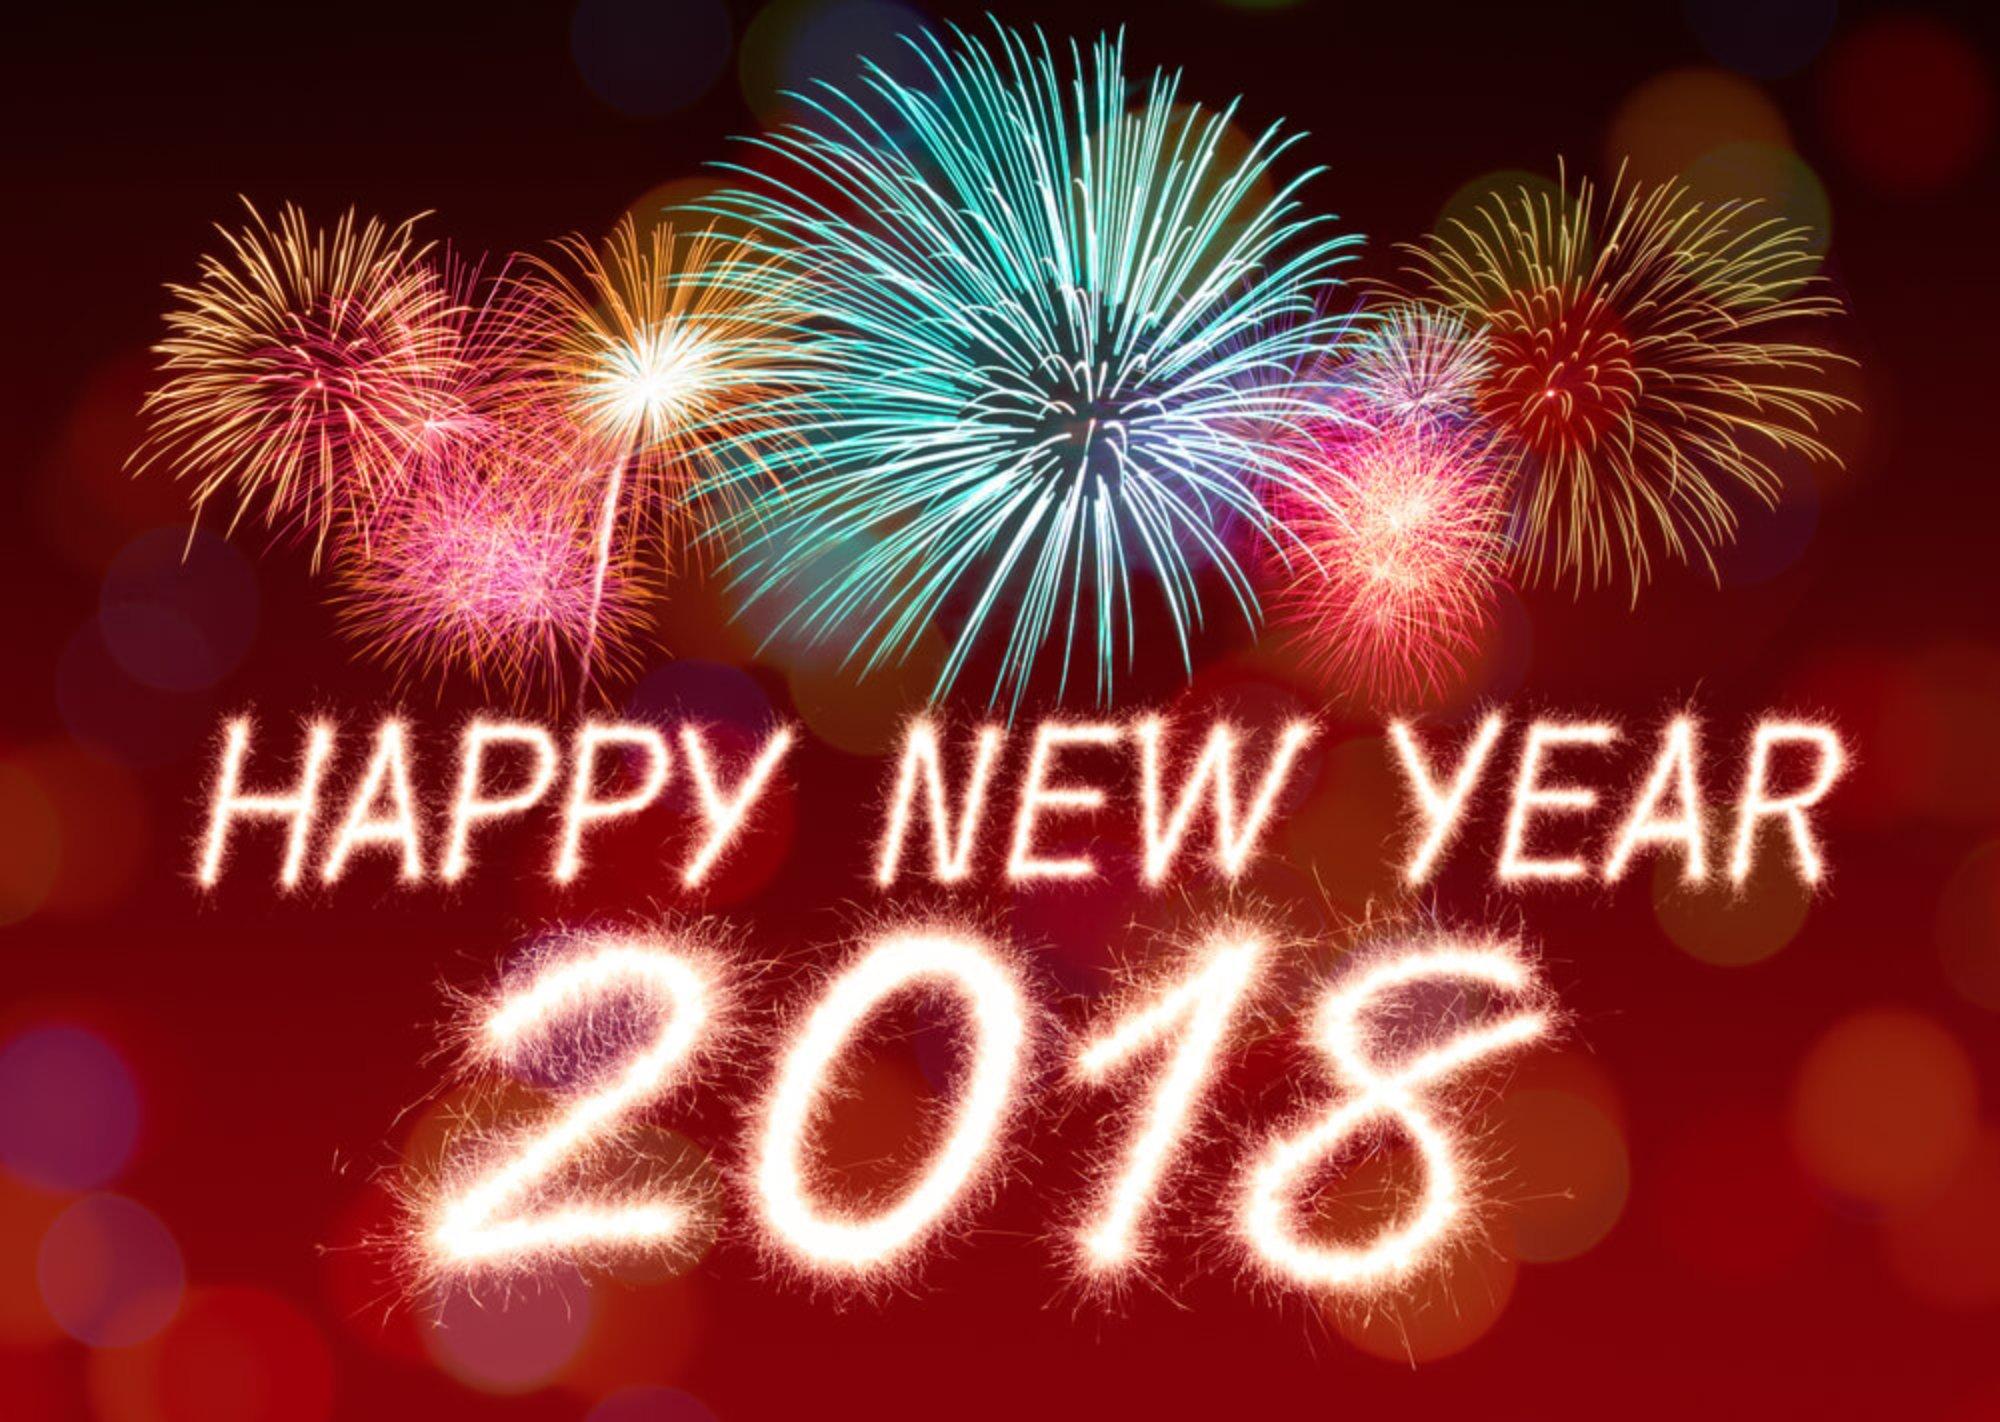 Việt Thanh Media Kính chúc Quý Khách hàng năm mới 2018 sức khỏe, hạnh phúc, an khang, thịnh vượng!